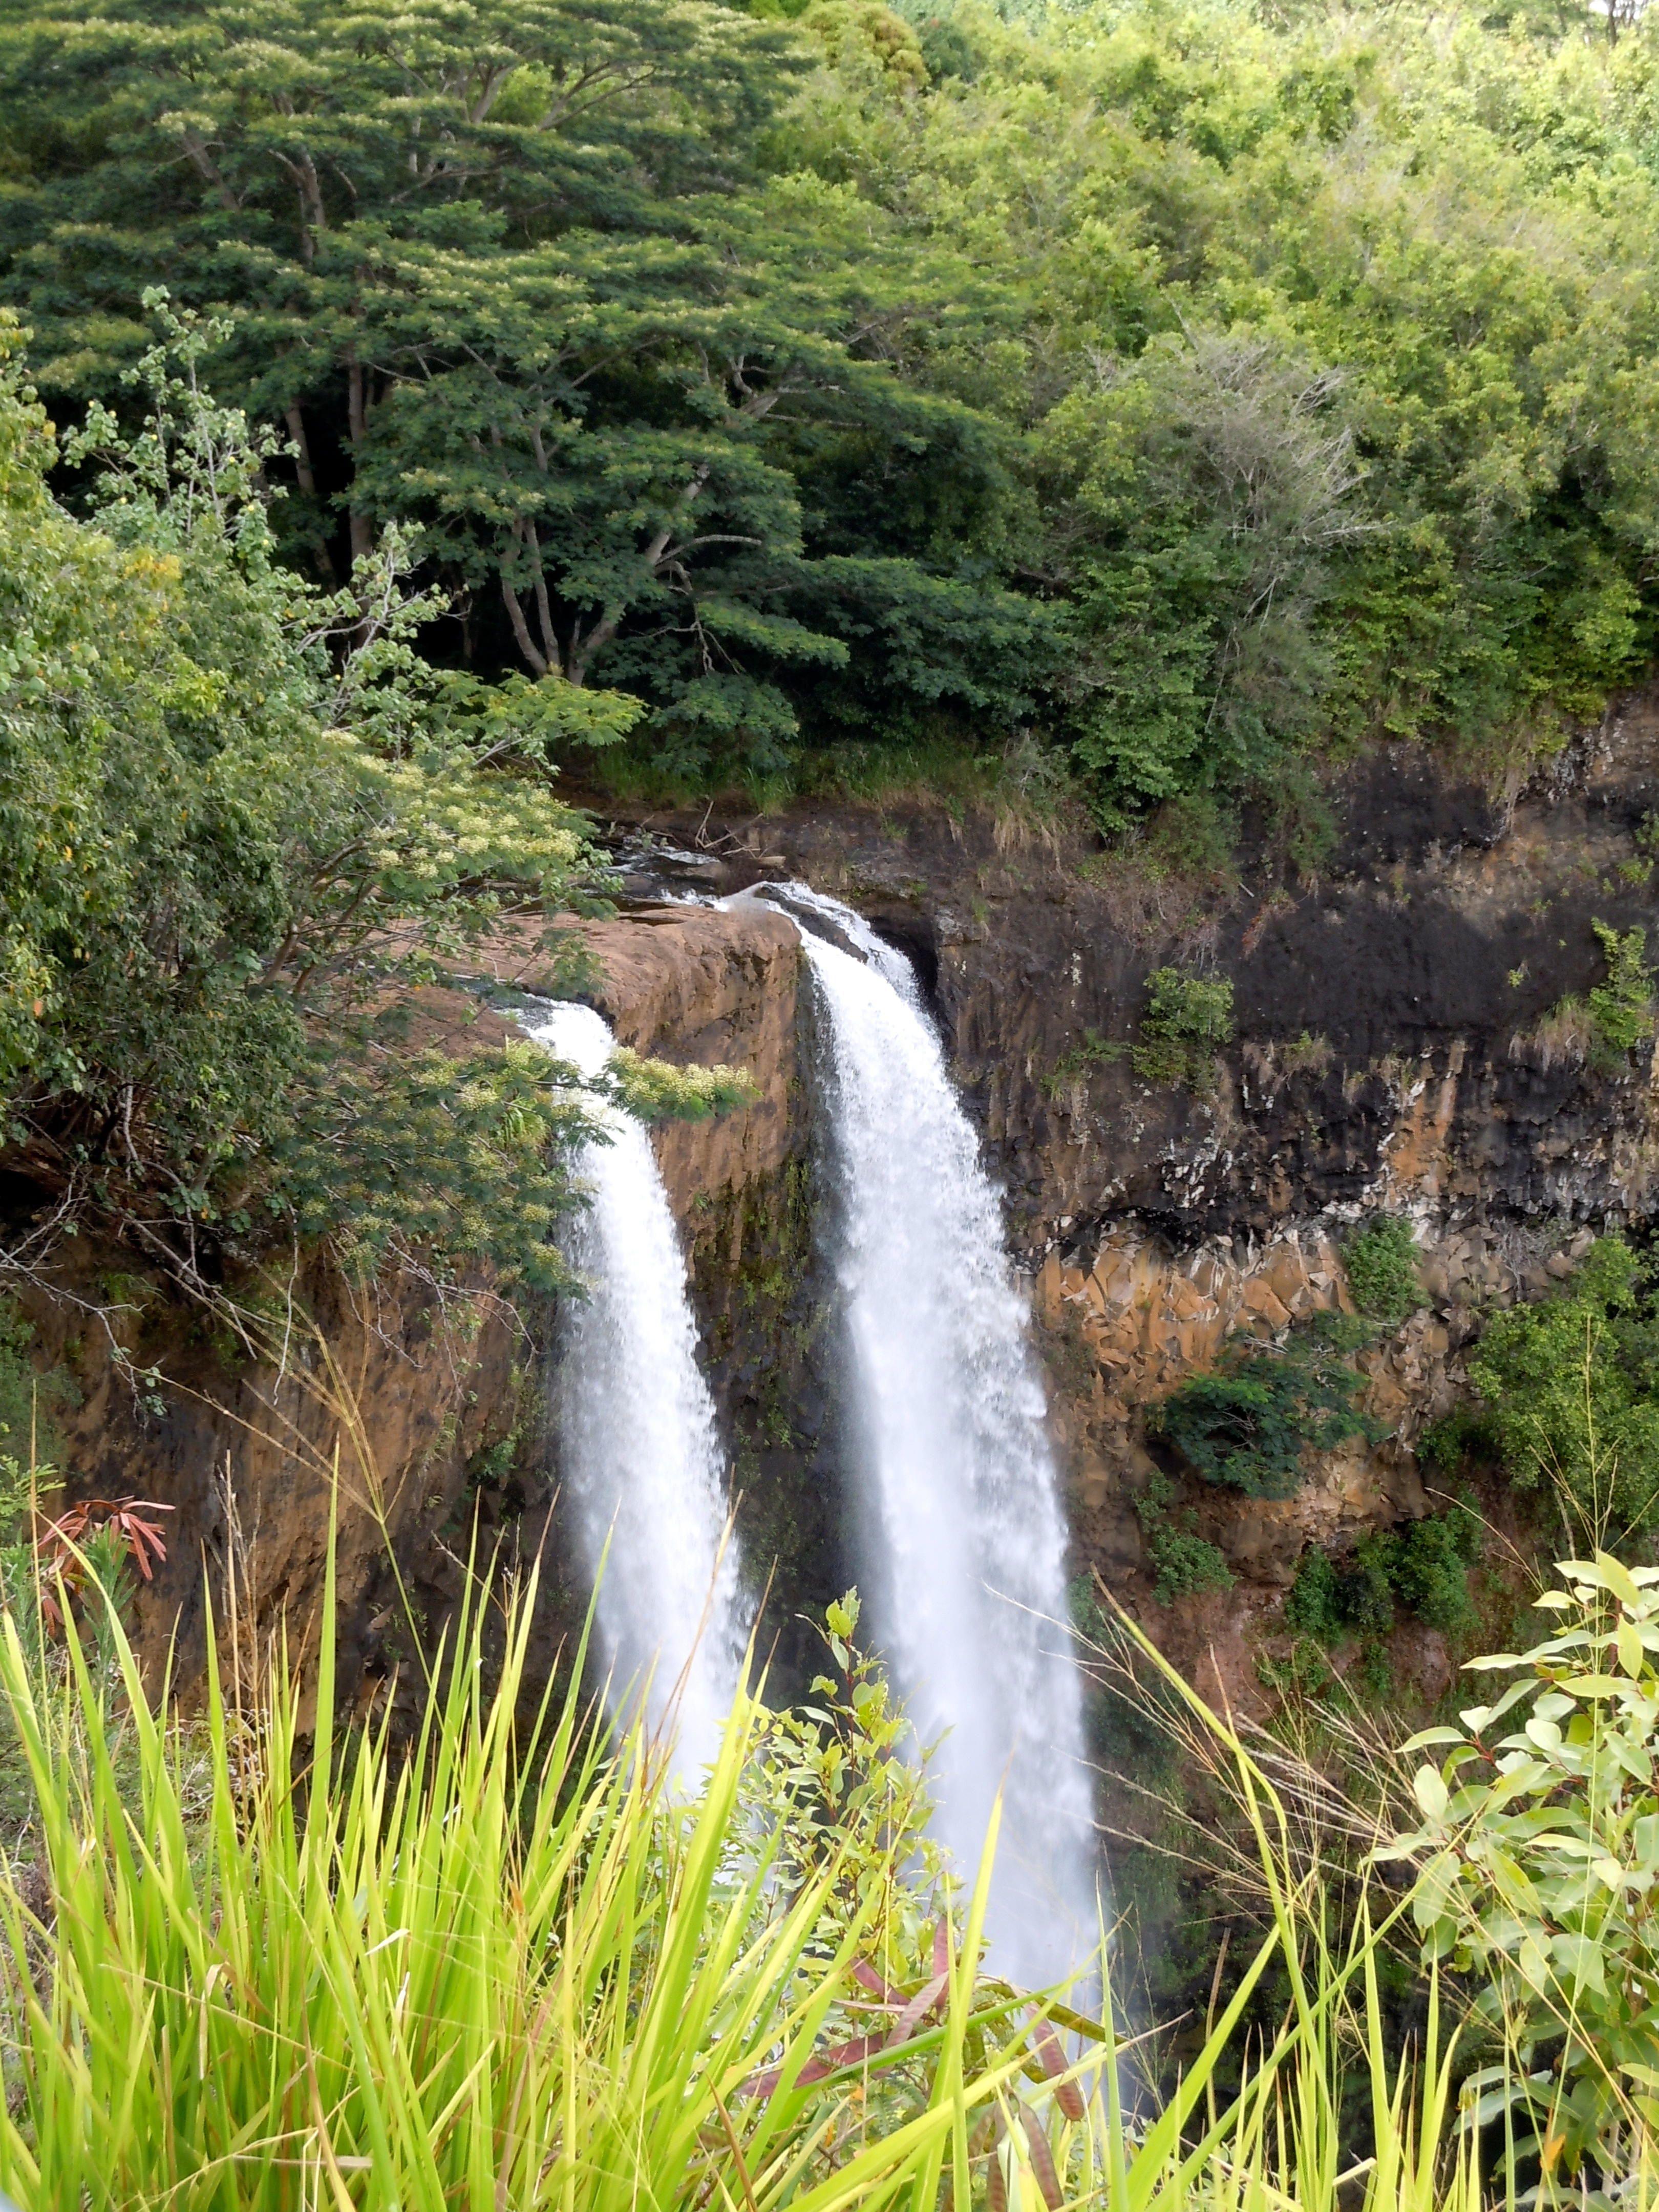 Wailuafalls Twinfalls Waimeacanyon Kauai Hawaii Like Craig